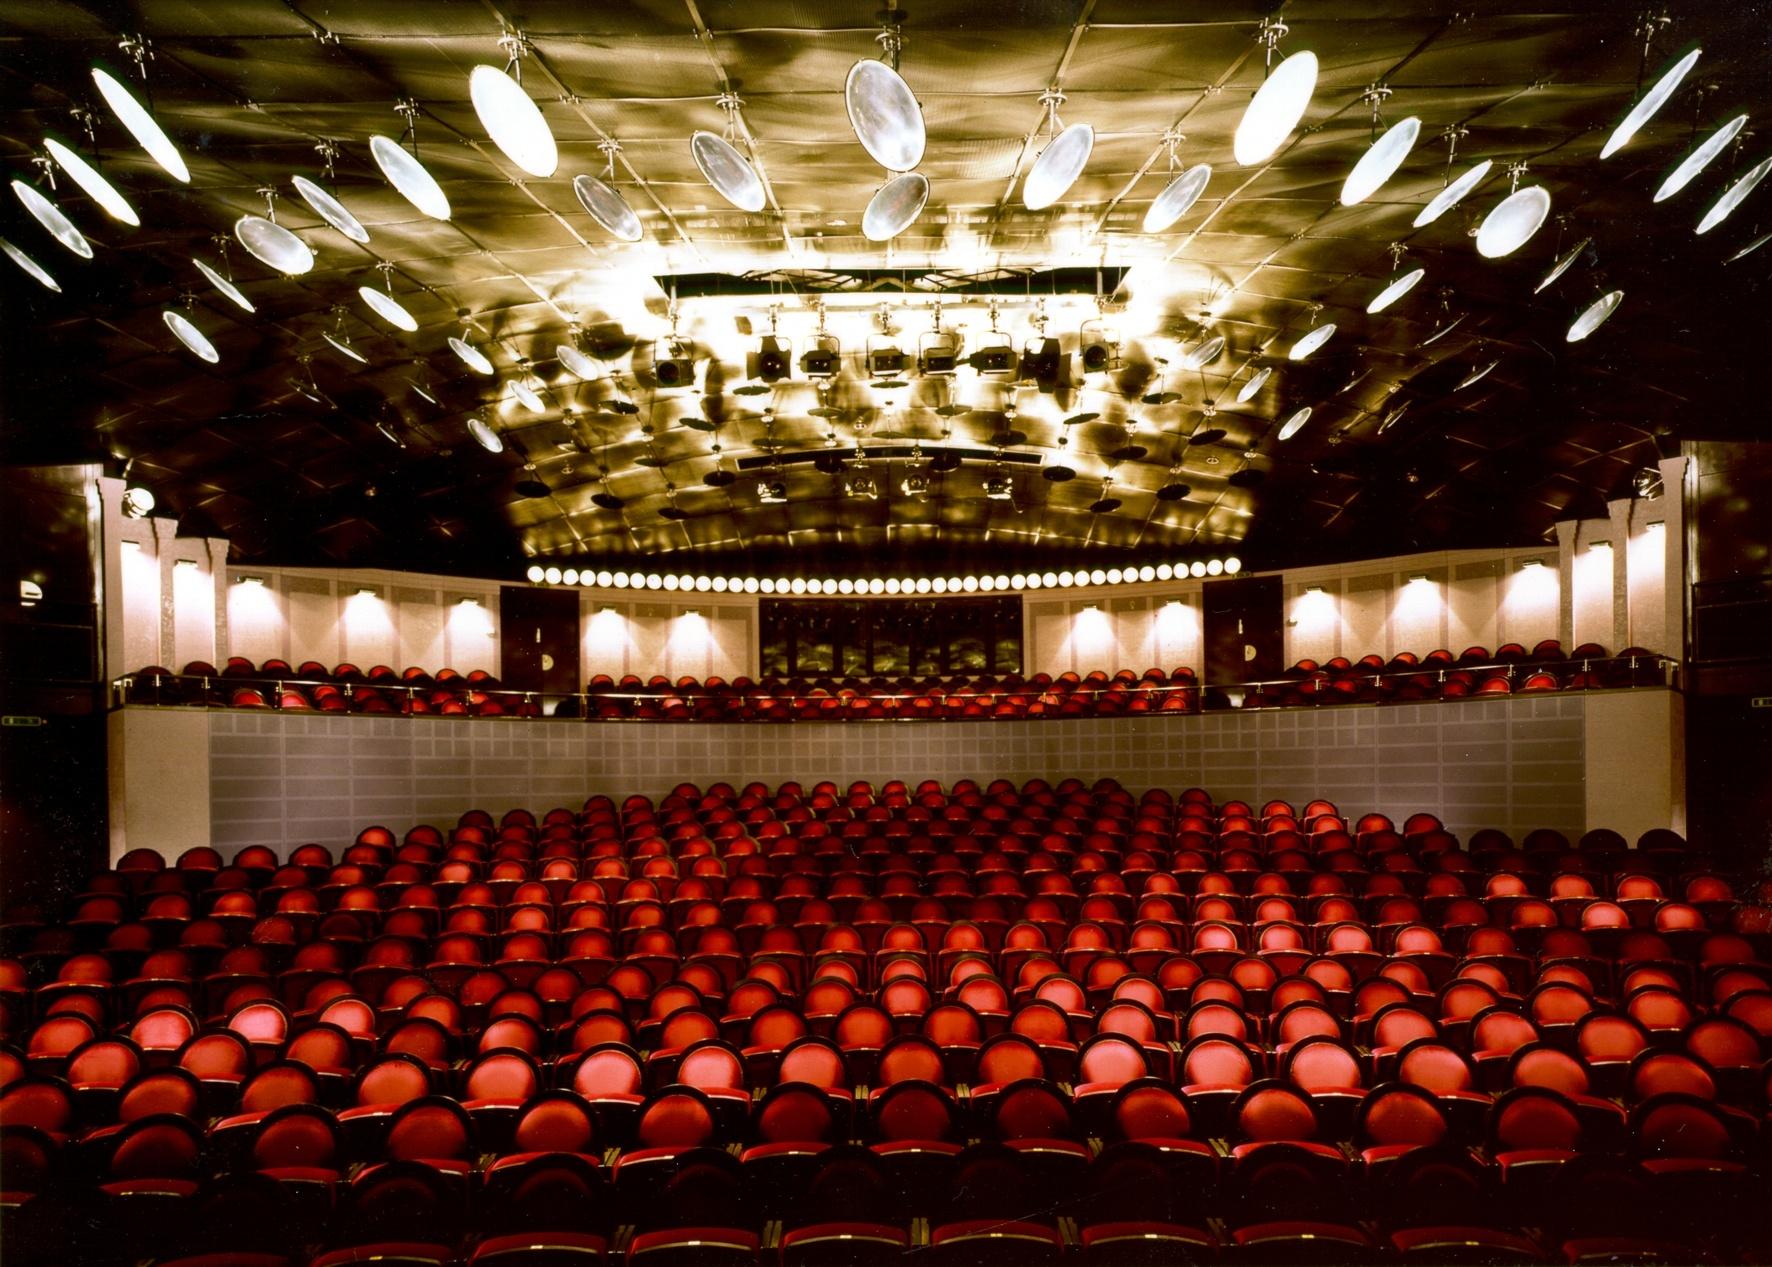 Winterhuder Fährhaus Theatersaal innen